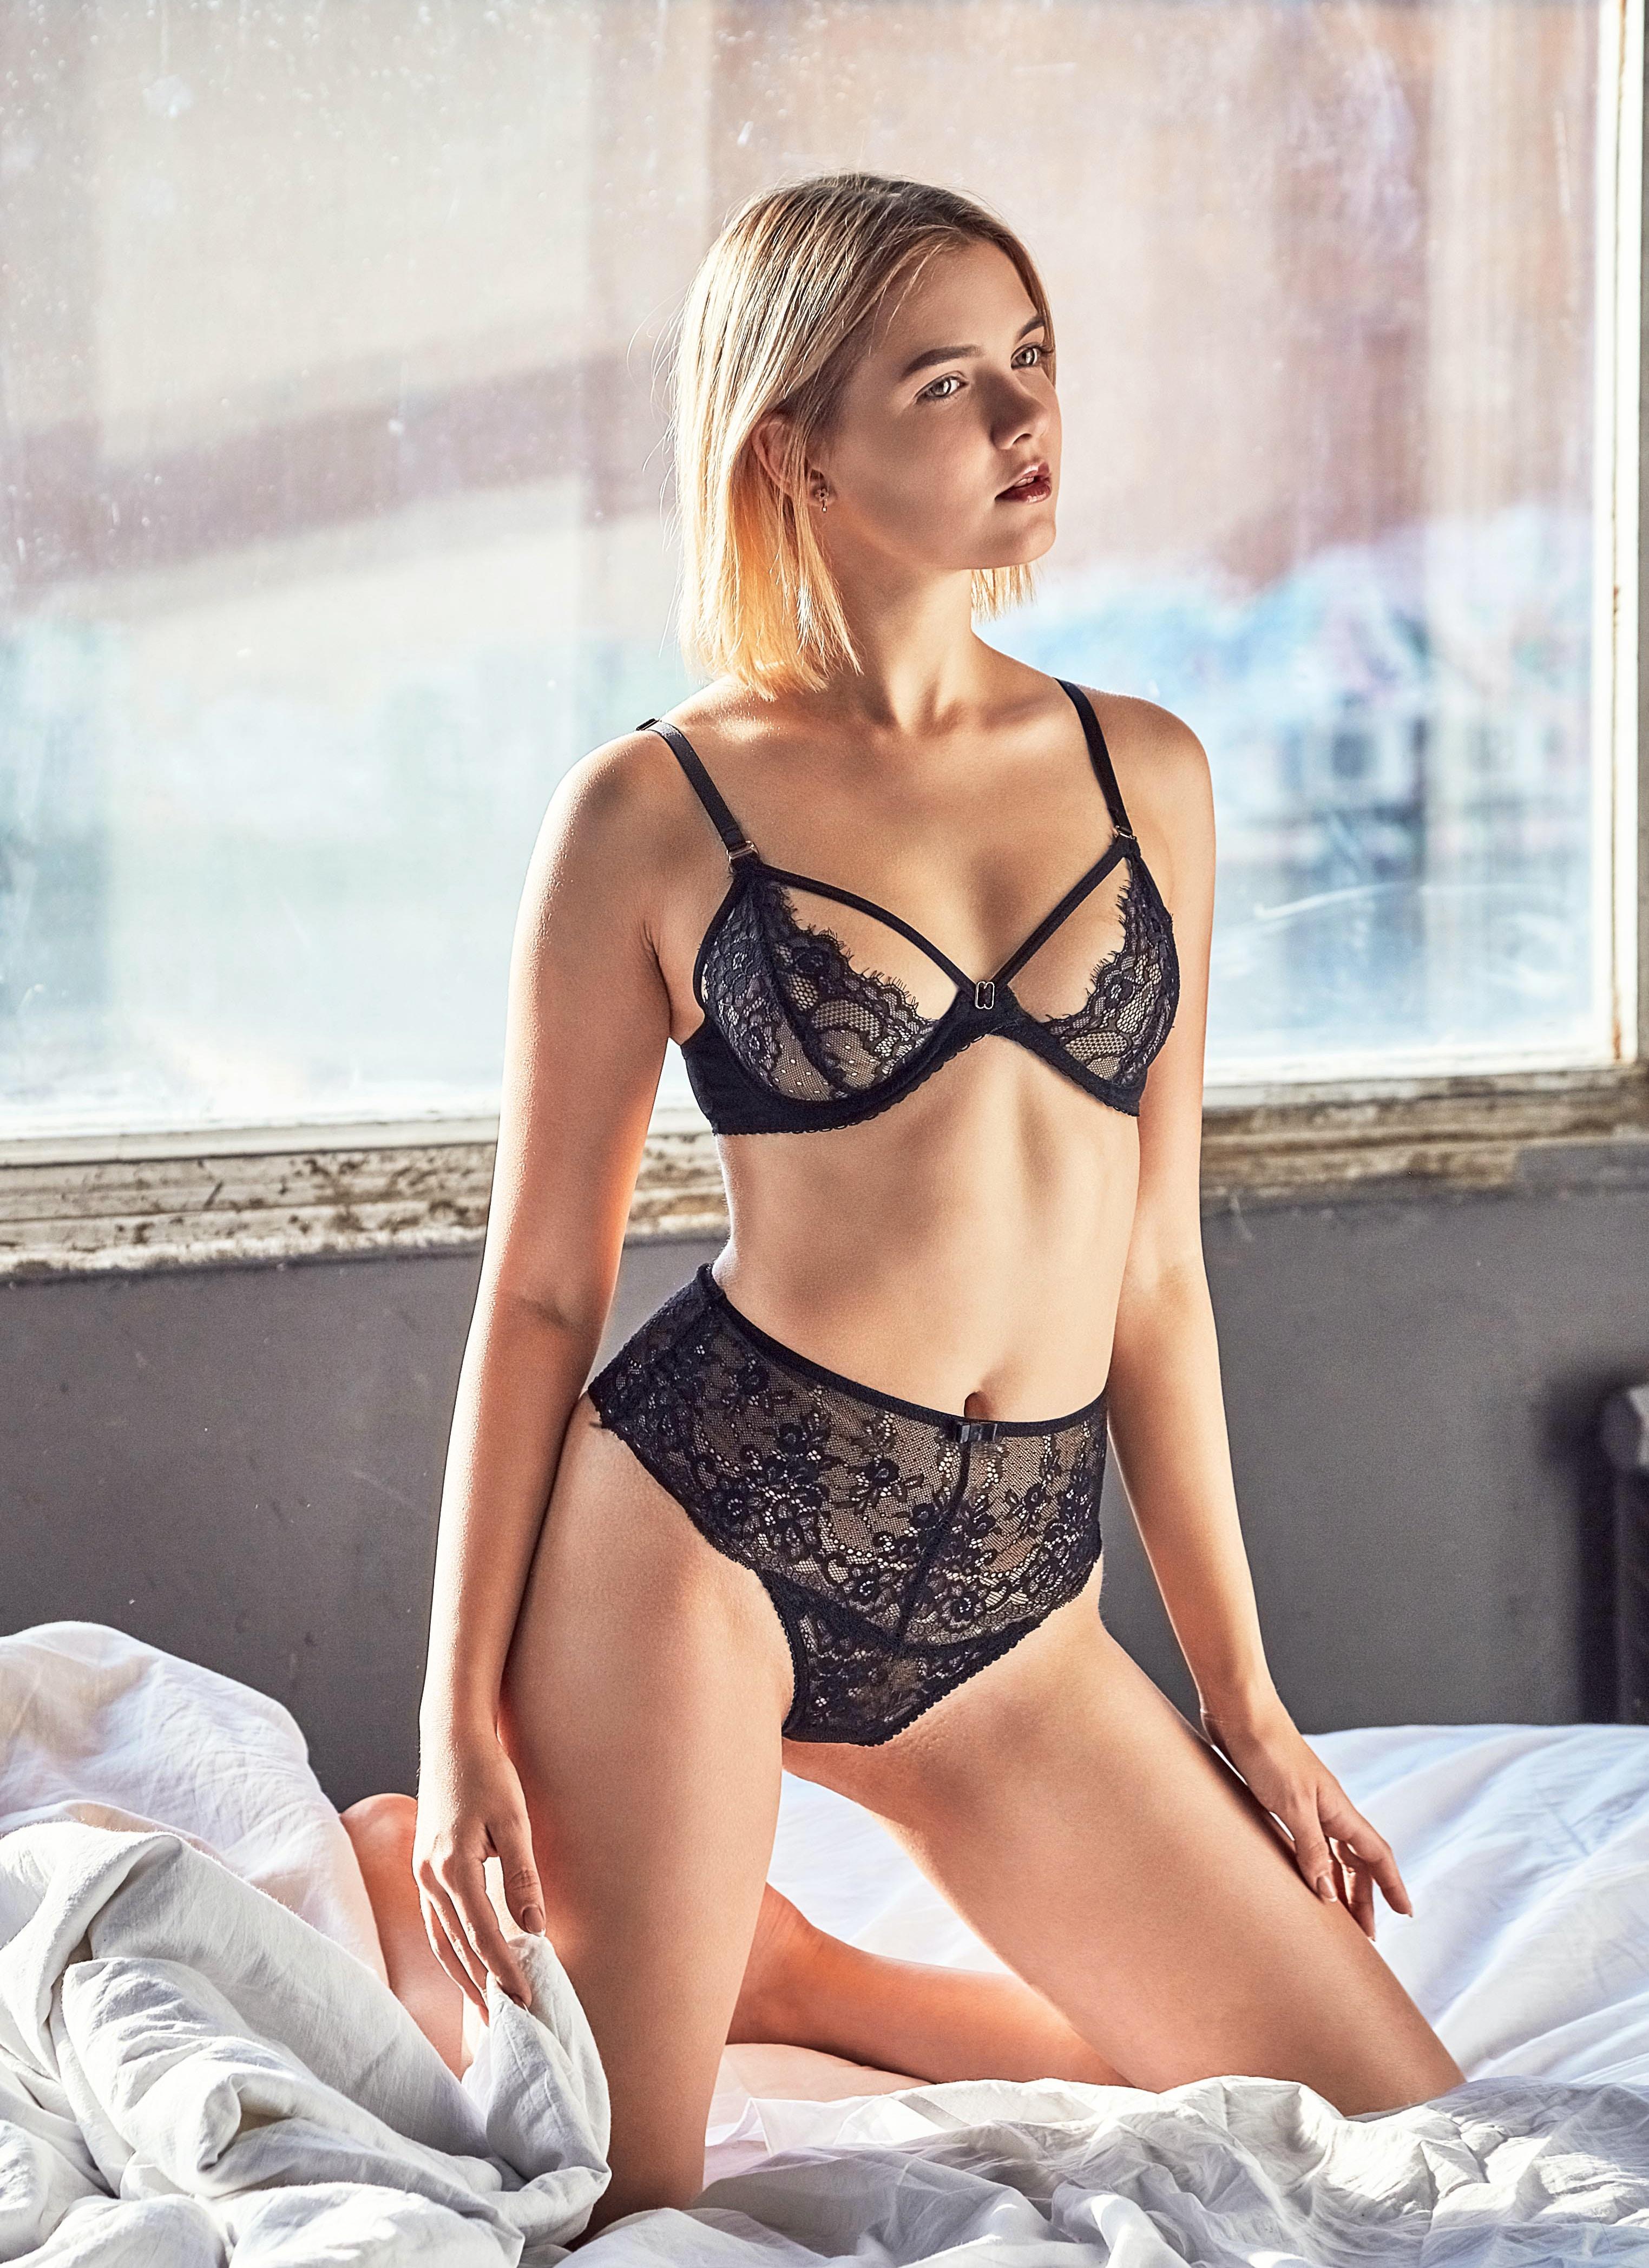 Sexy girls self pic underwear